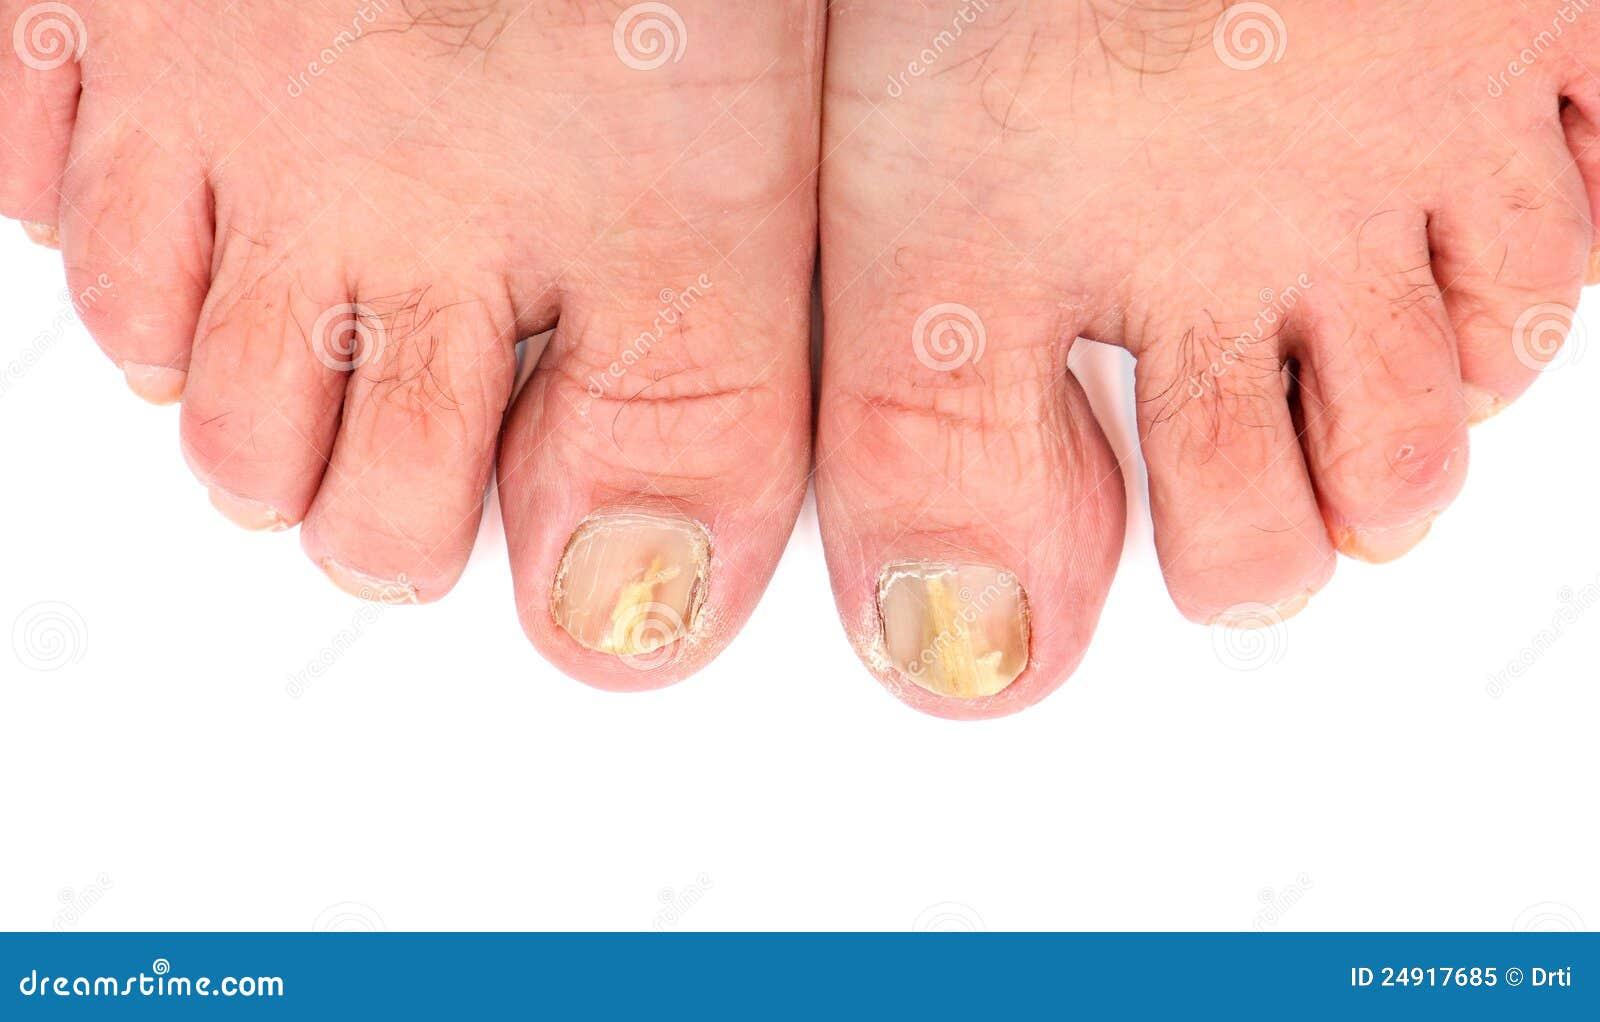 El surgimiento del hongo sobre las uñas